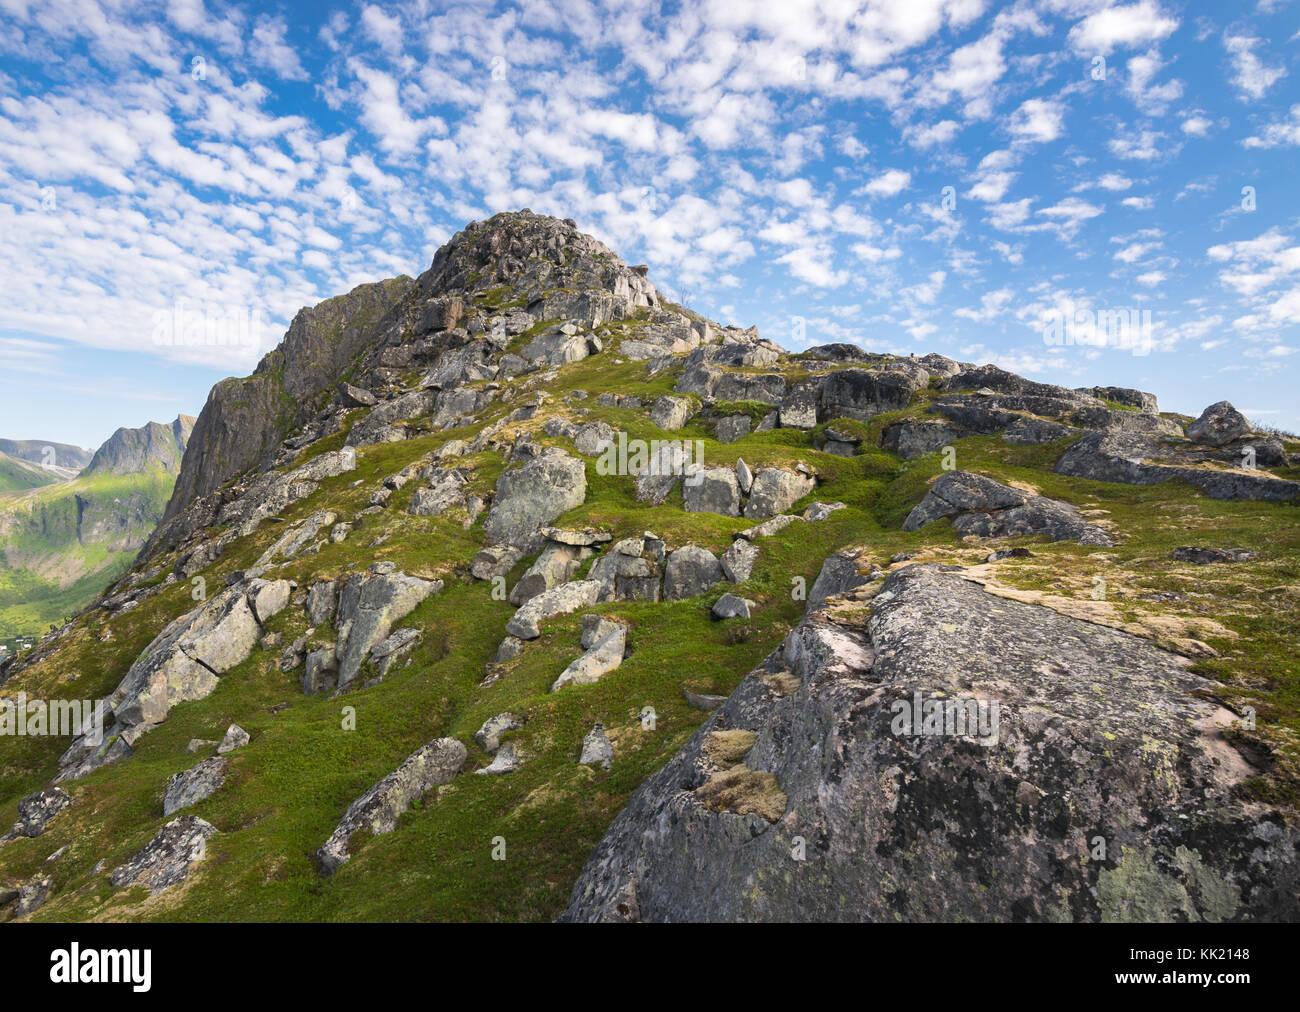 Hiking on Husjellet, Senja Island Norway. - Stock Image